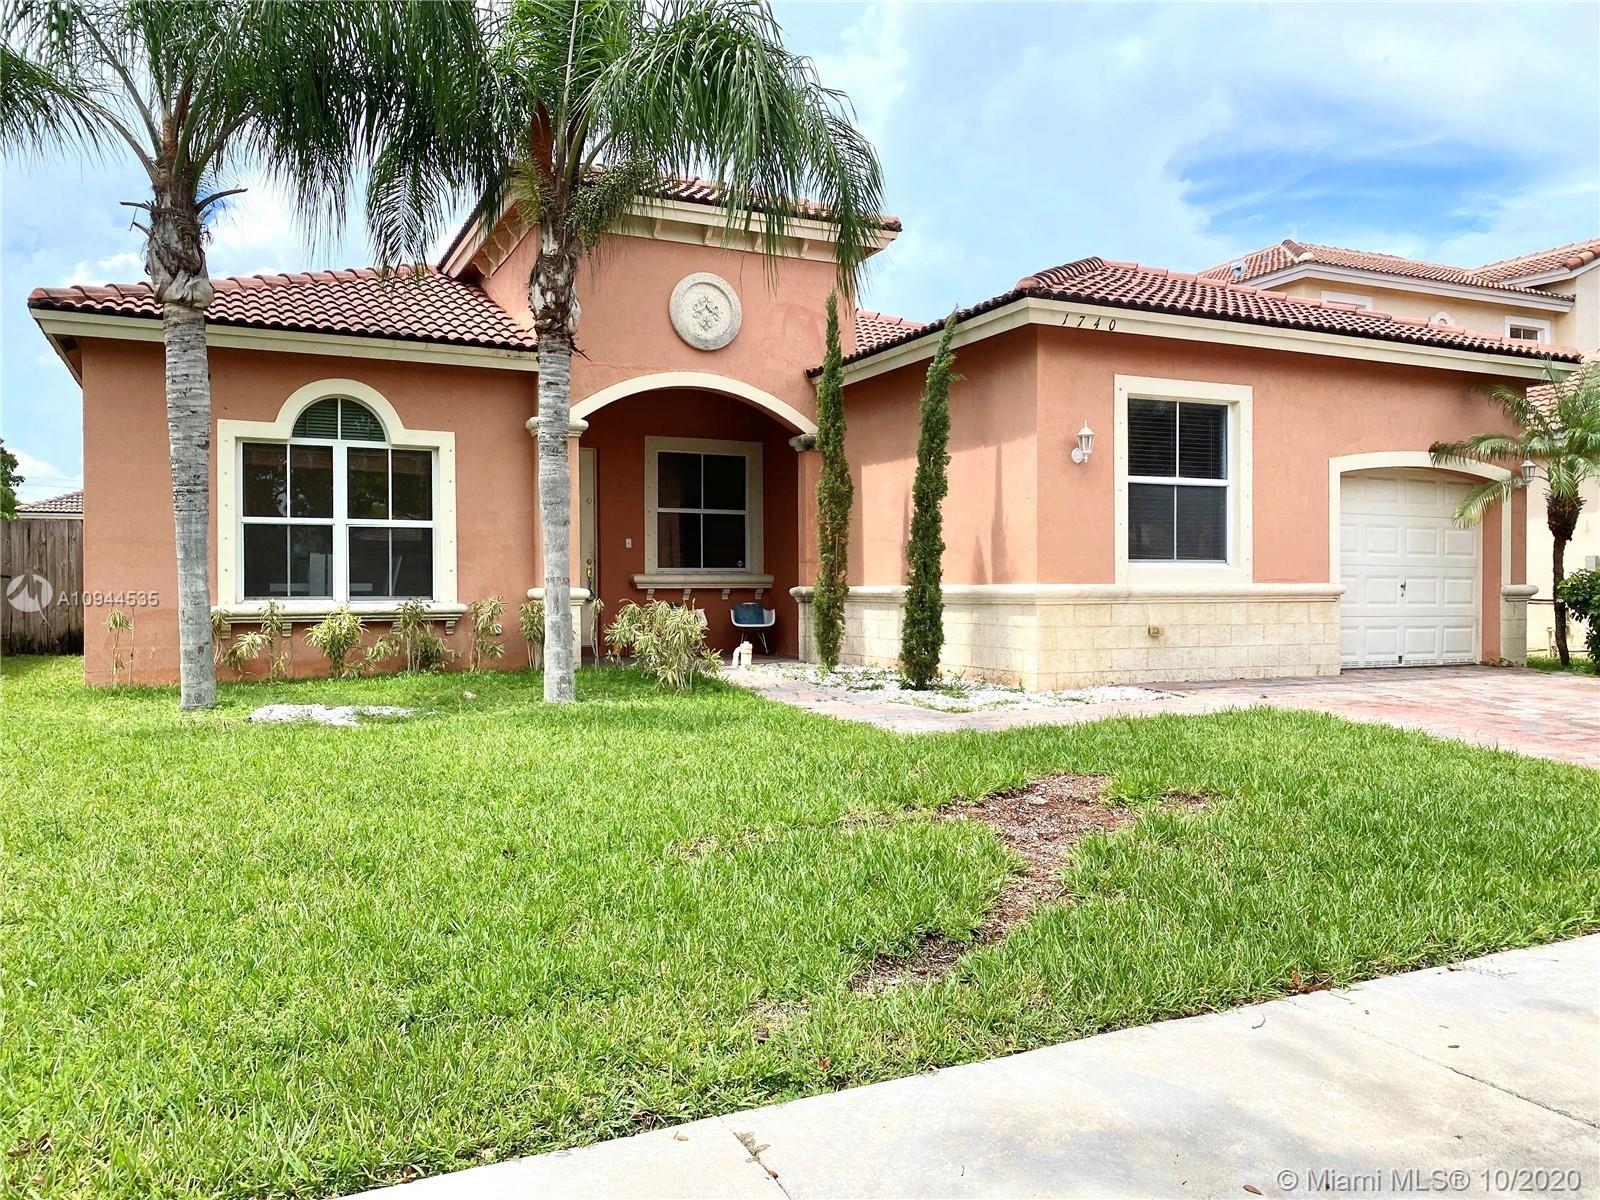 1740 SE 19th Ave, Homestead, FL 33035 - #: A10944535